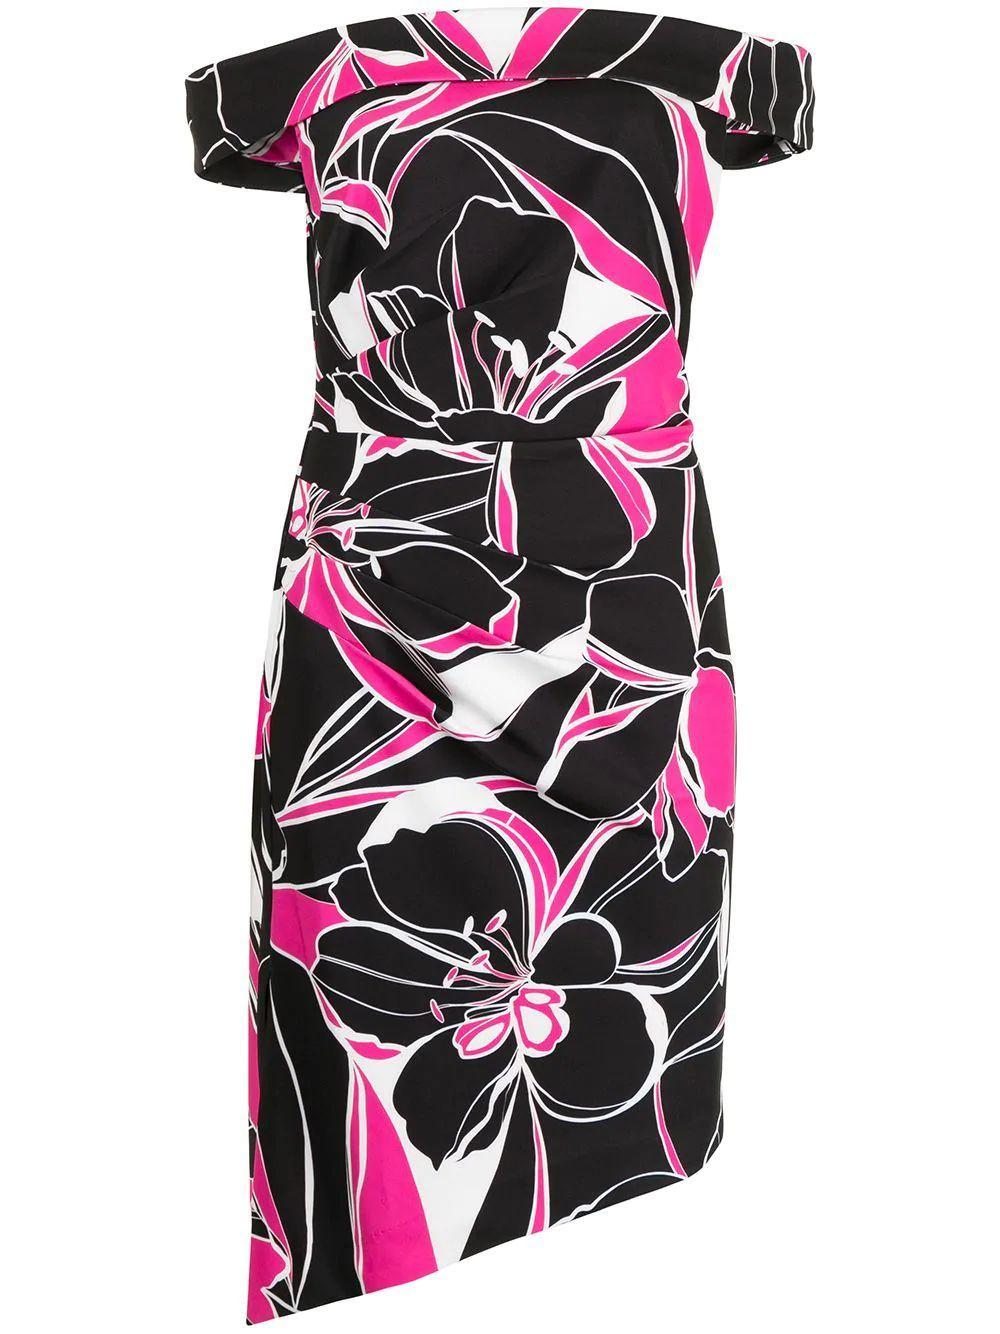 Ally Stencil Floral Dress Item # 43KD41